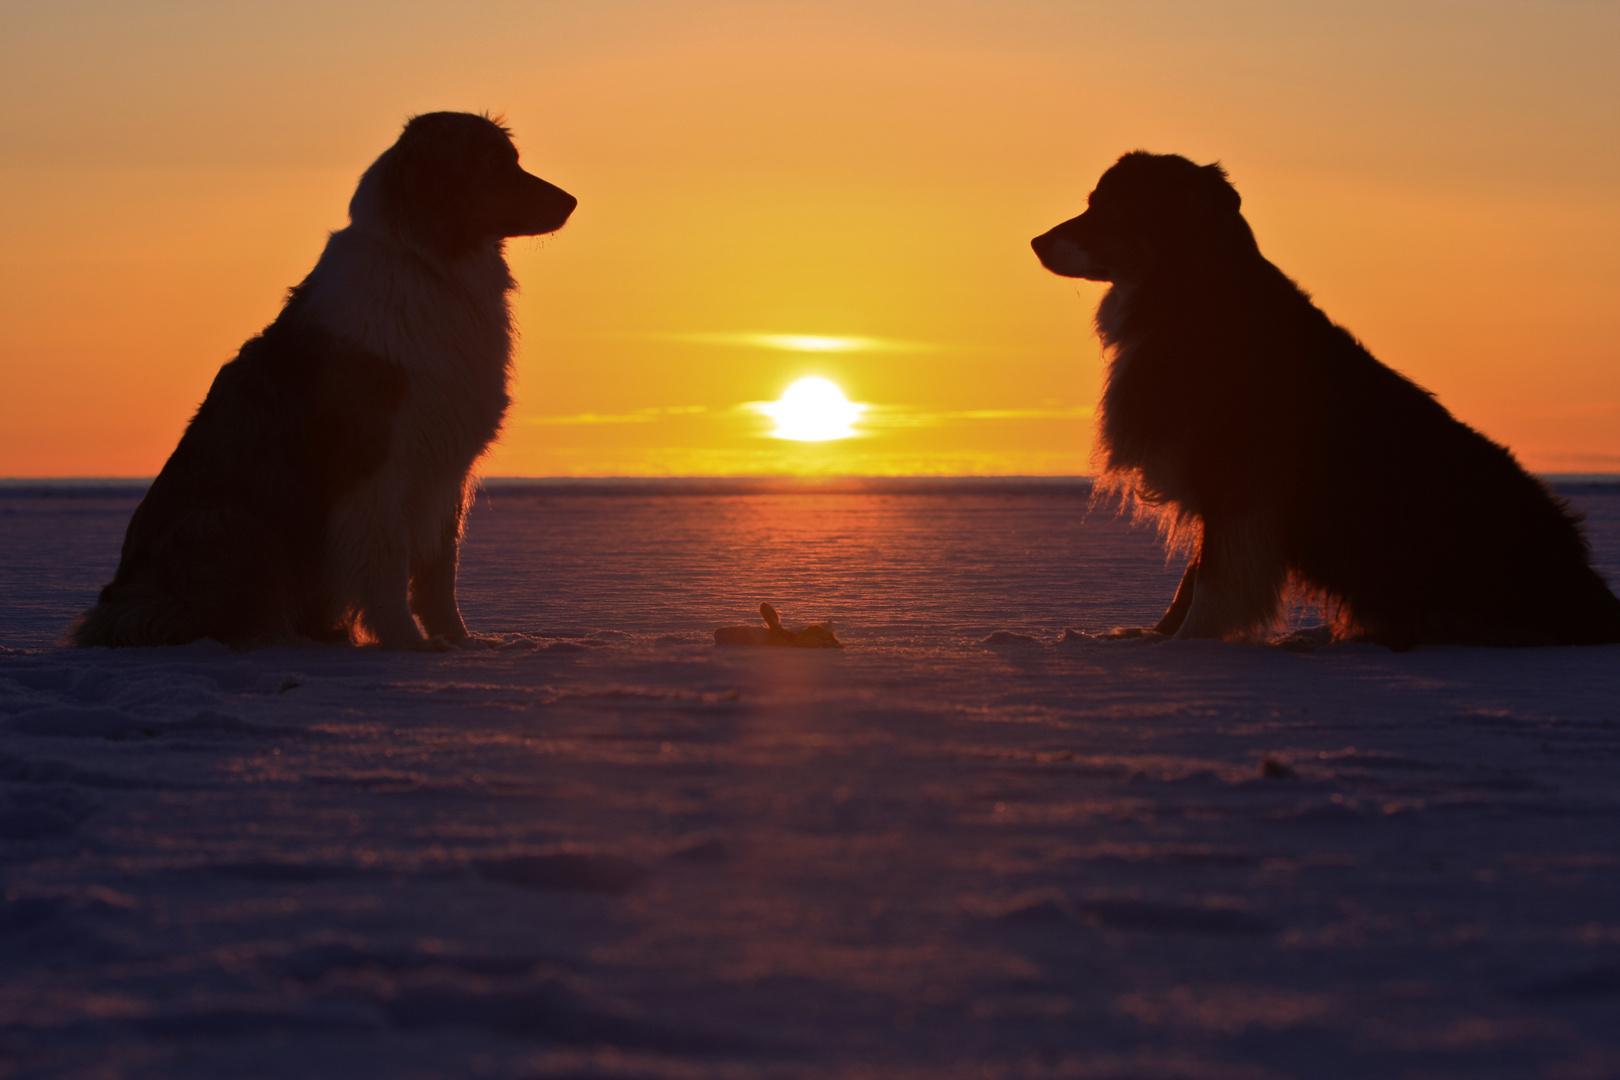 Hunde im Gegenlicht, Sonnenuntergang auf Römö 14.03.13